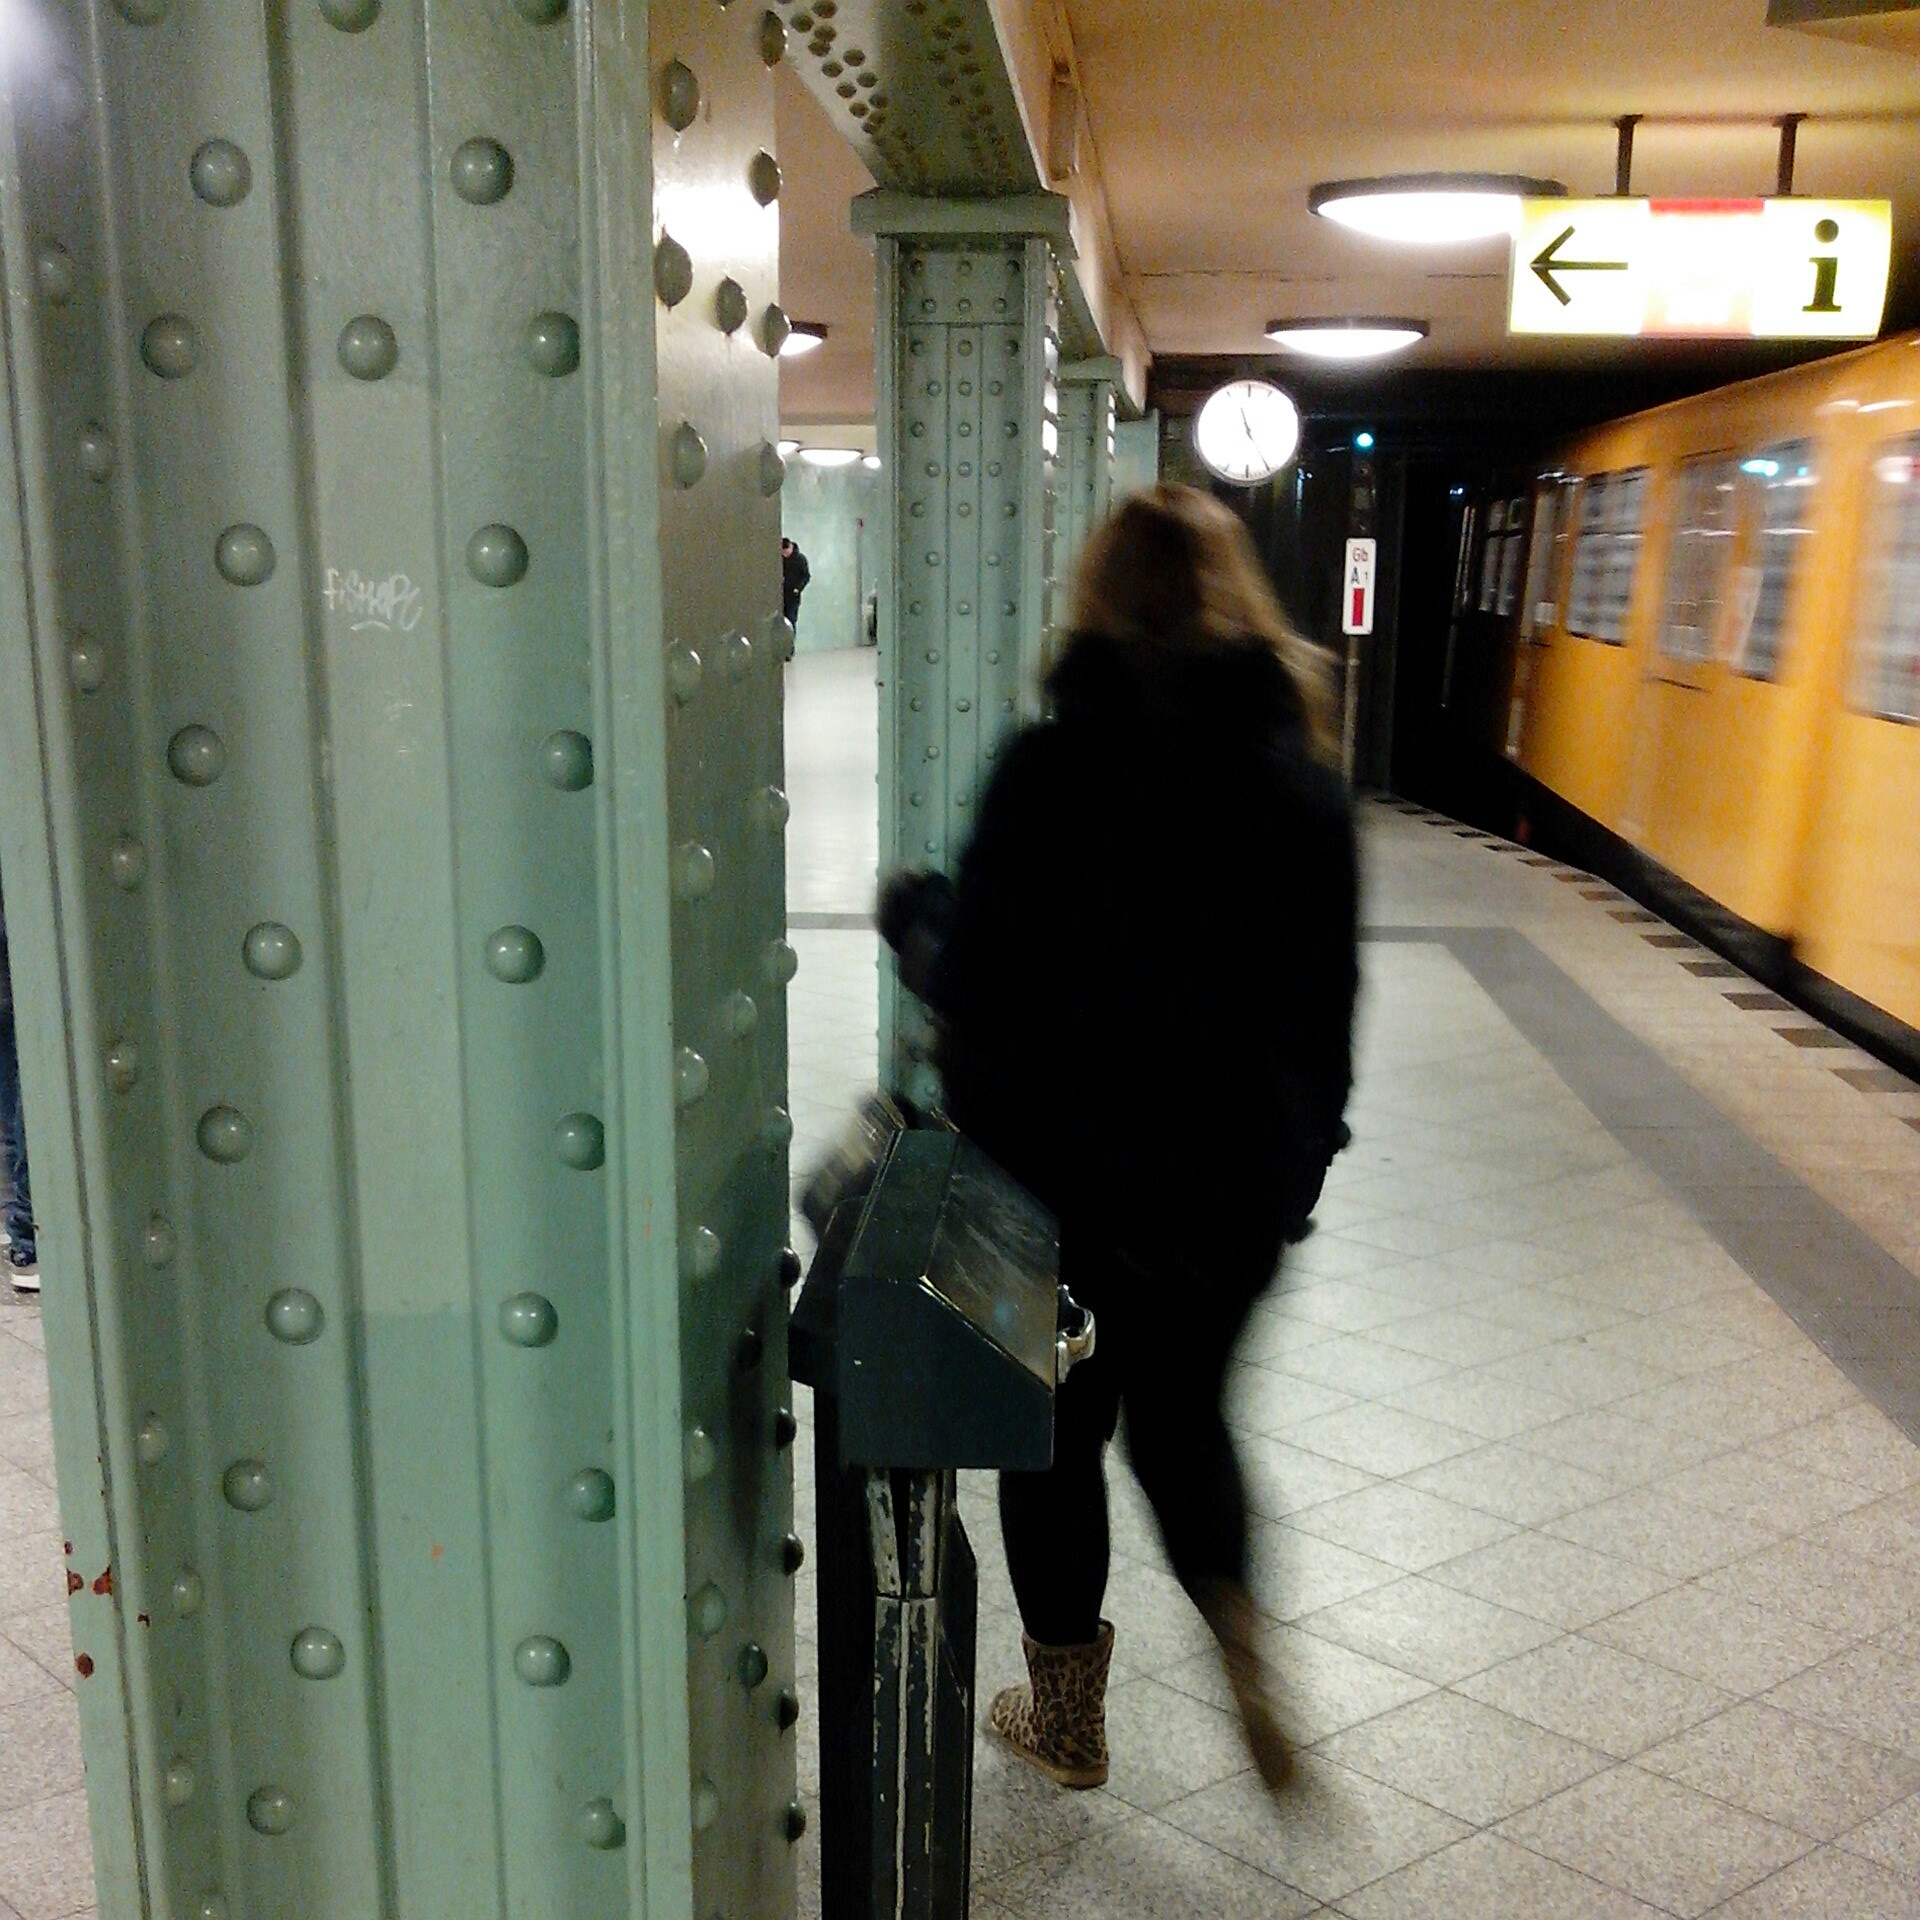 U Bhf Gesundbrunnen Bahnsteig